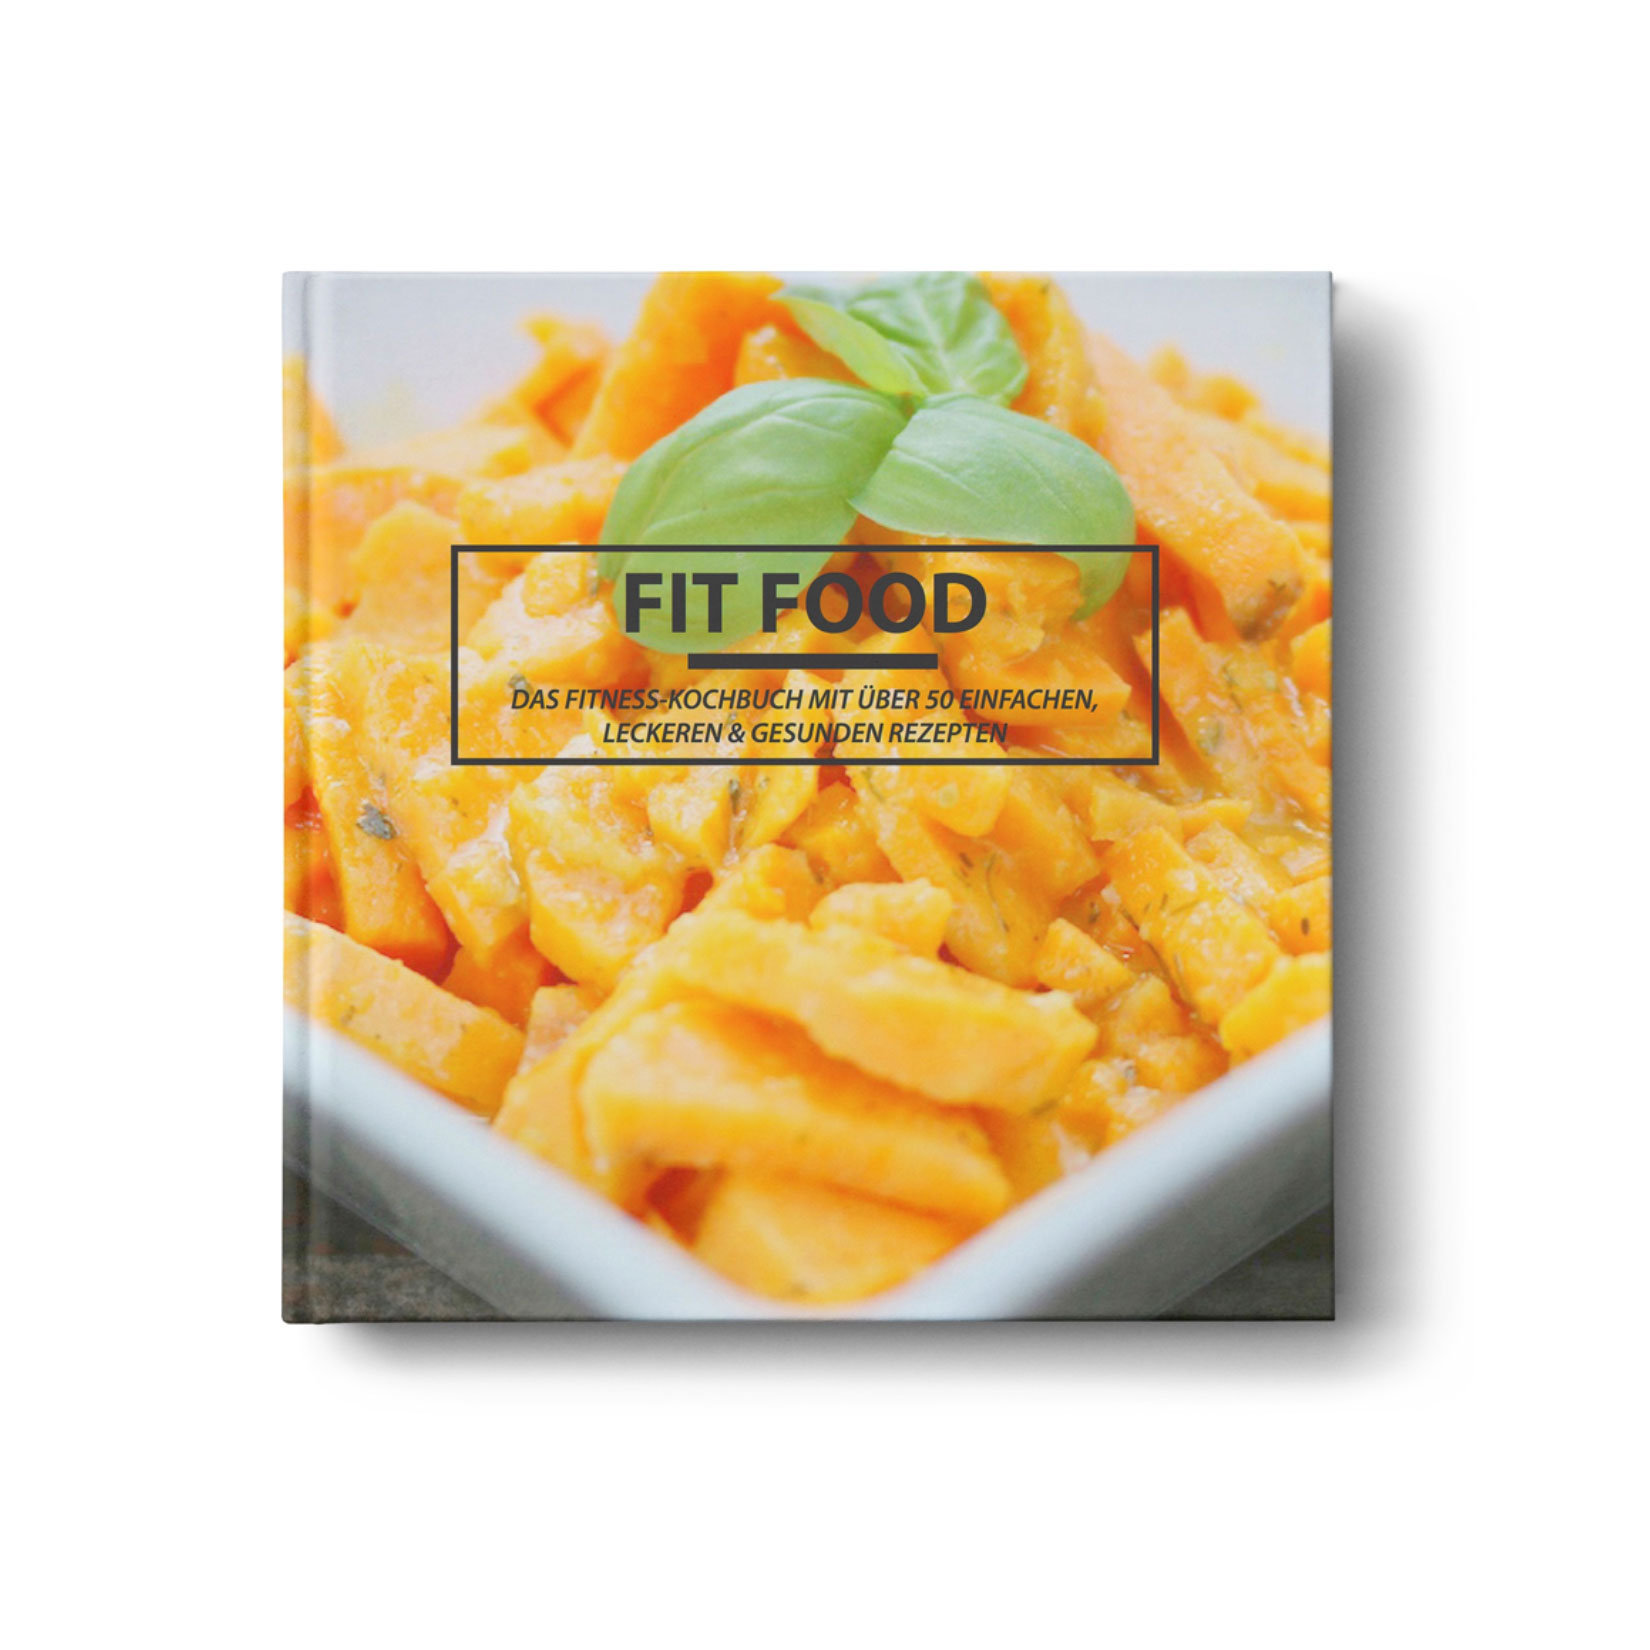 FIT FOOD - Das Fitness-Kochbuch